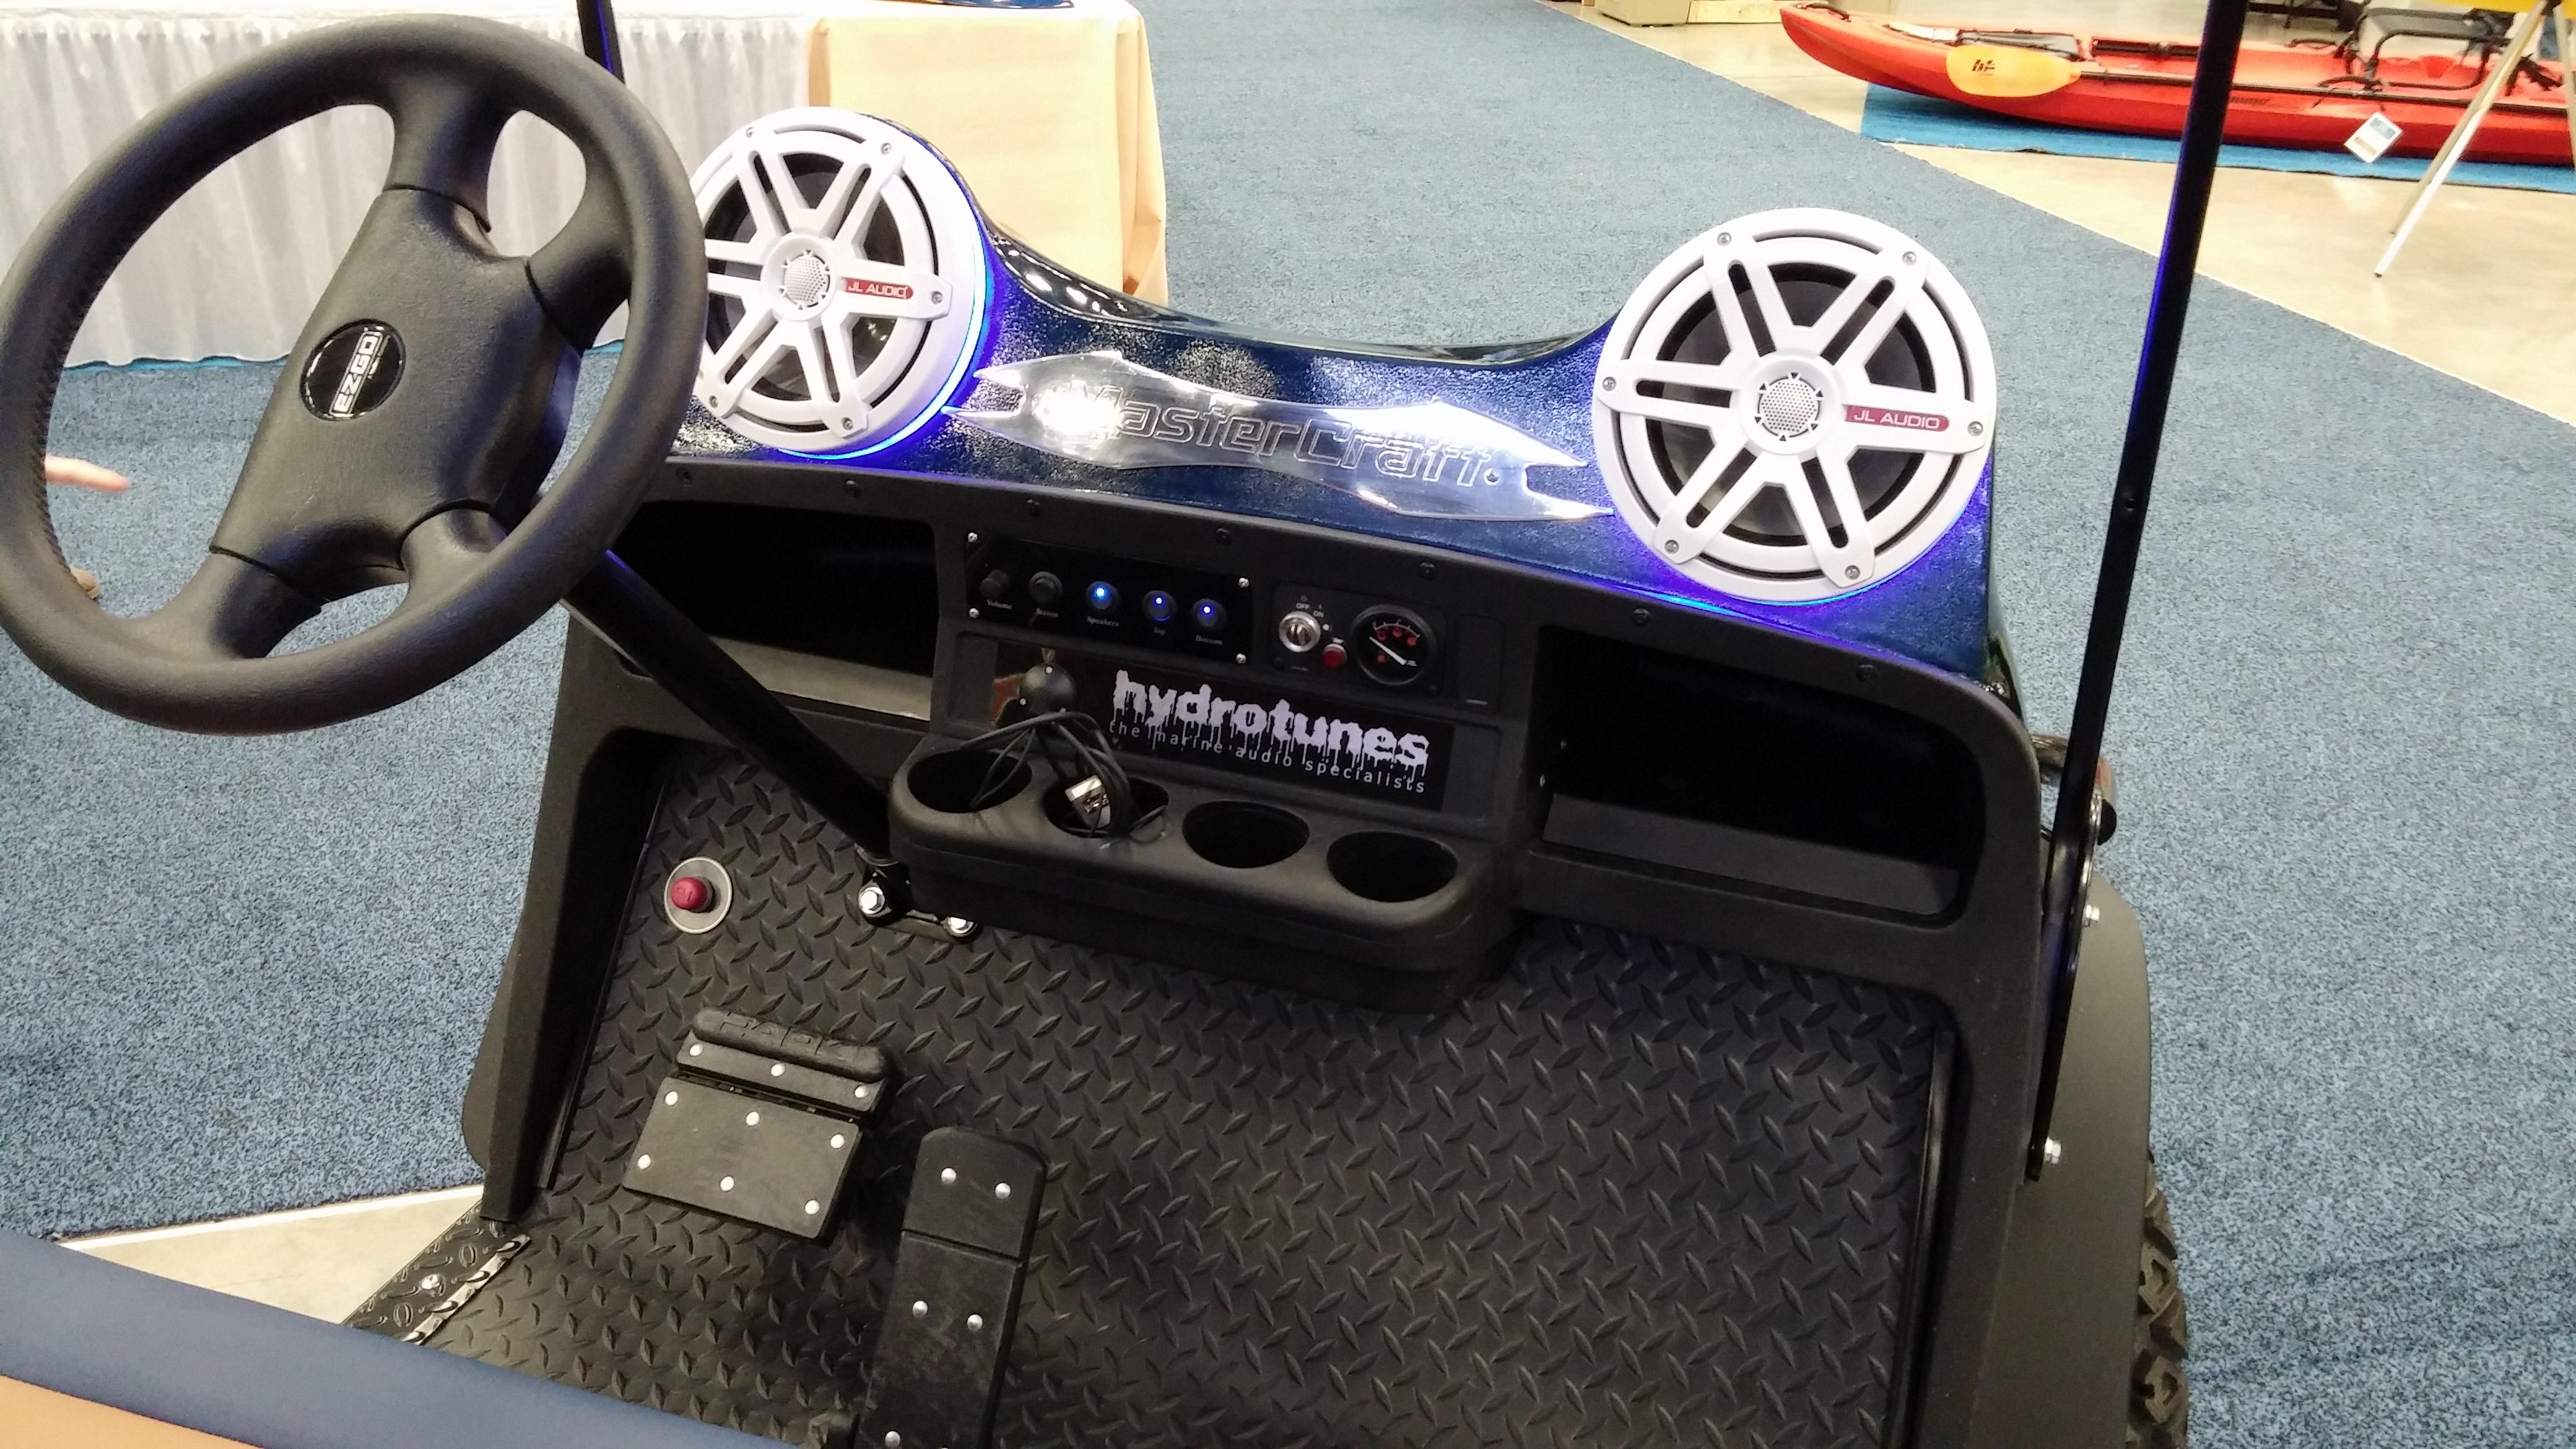 2014 EZGO S4 Golf Car - Hydrotunes Mastercraft X30 Inspired ... Golf Cart Speaker Location on golf cart remote control, golf cart wiring, golf cart material, golf cart width, golf cart color,